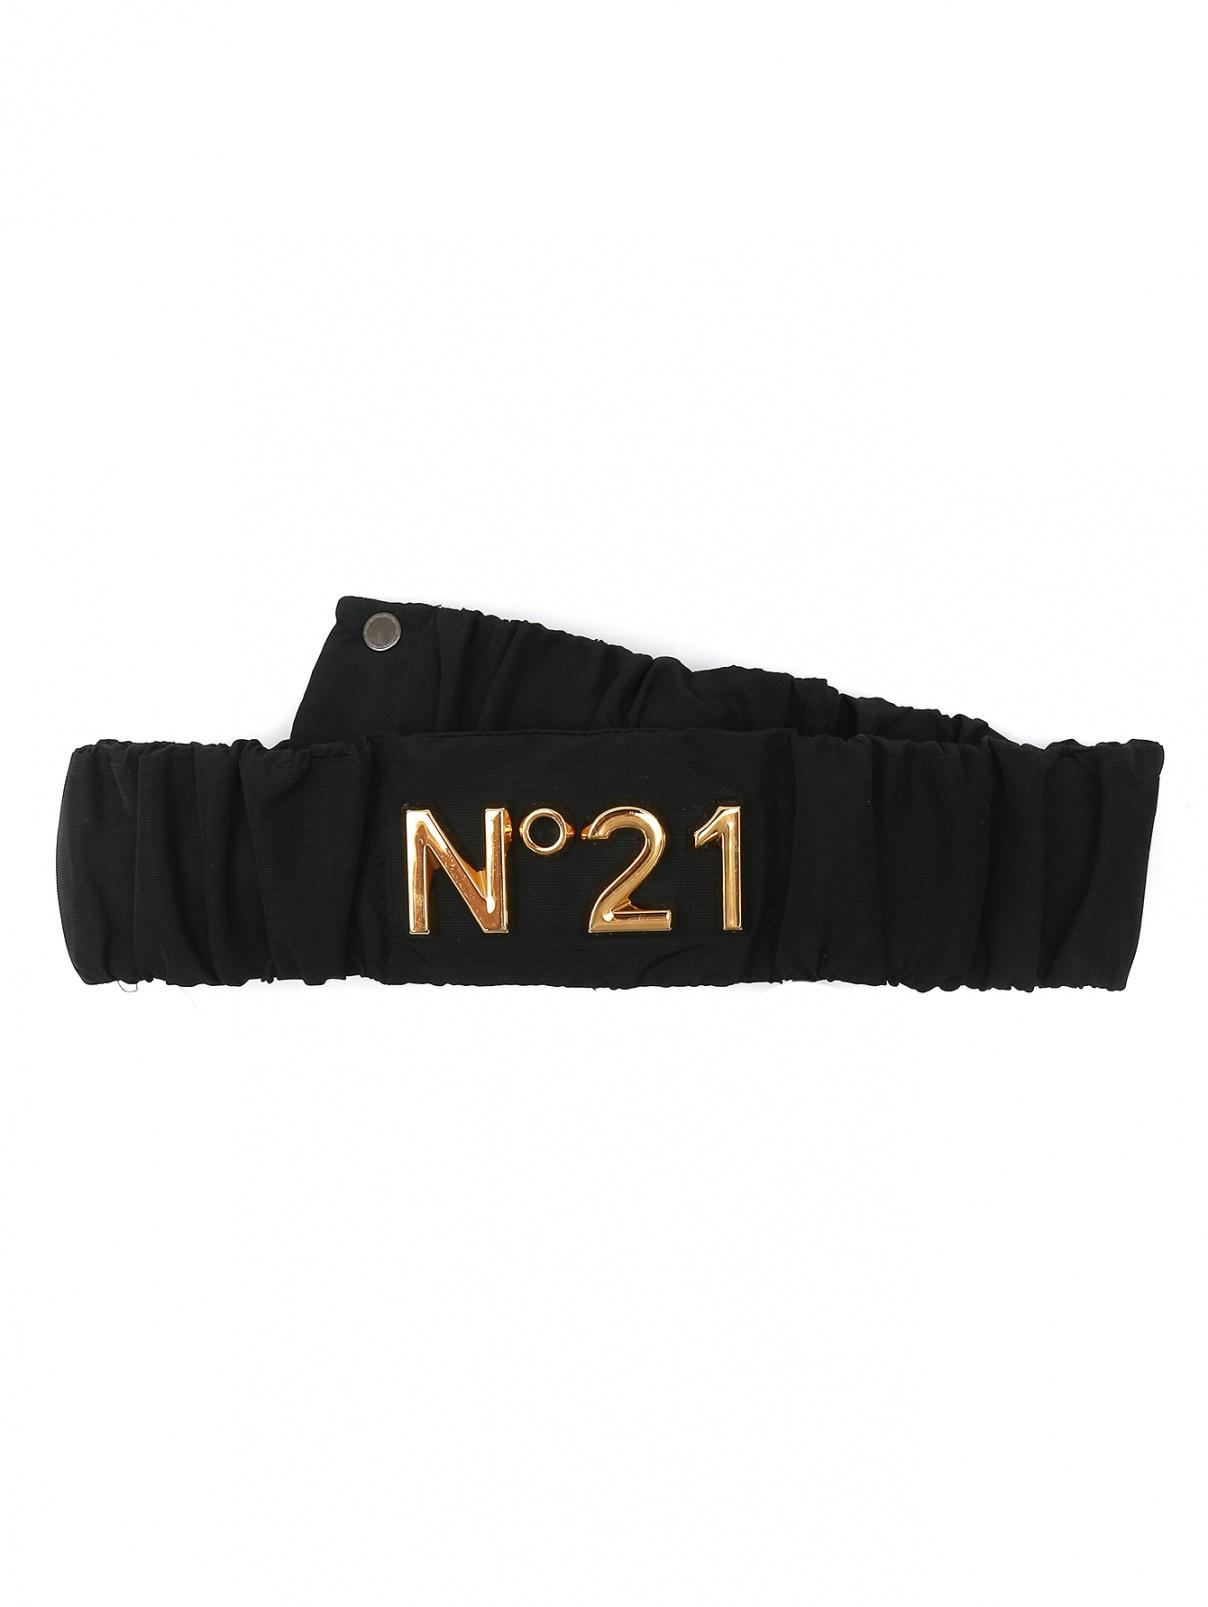 Ремень из текстиля с логотипом N21  –  Общий вид  – Цвет:  Черный